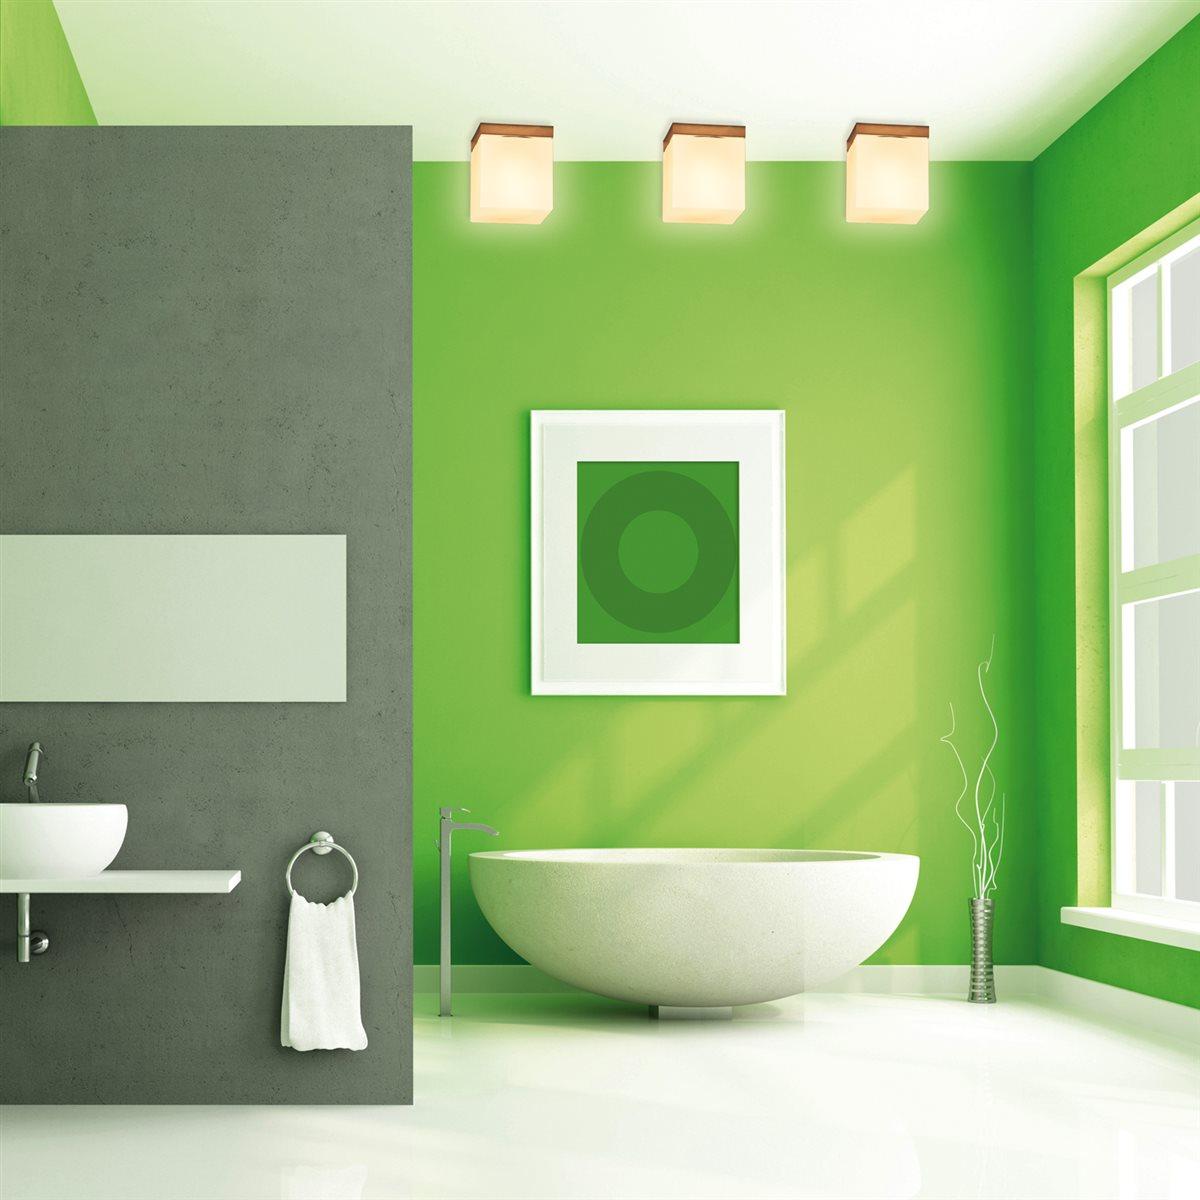 Full Size of Wohnzimmer Indirekte Led Beleuchtung Ideen Wohnzimmer Sideboard Led Beleuchtung Weiss Zelda Spots Lampe Küche Wohnwand Deckenlampe Tisch Stehlampen Bilder Wohnzimmer Wohnzimmer Led